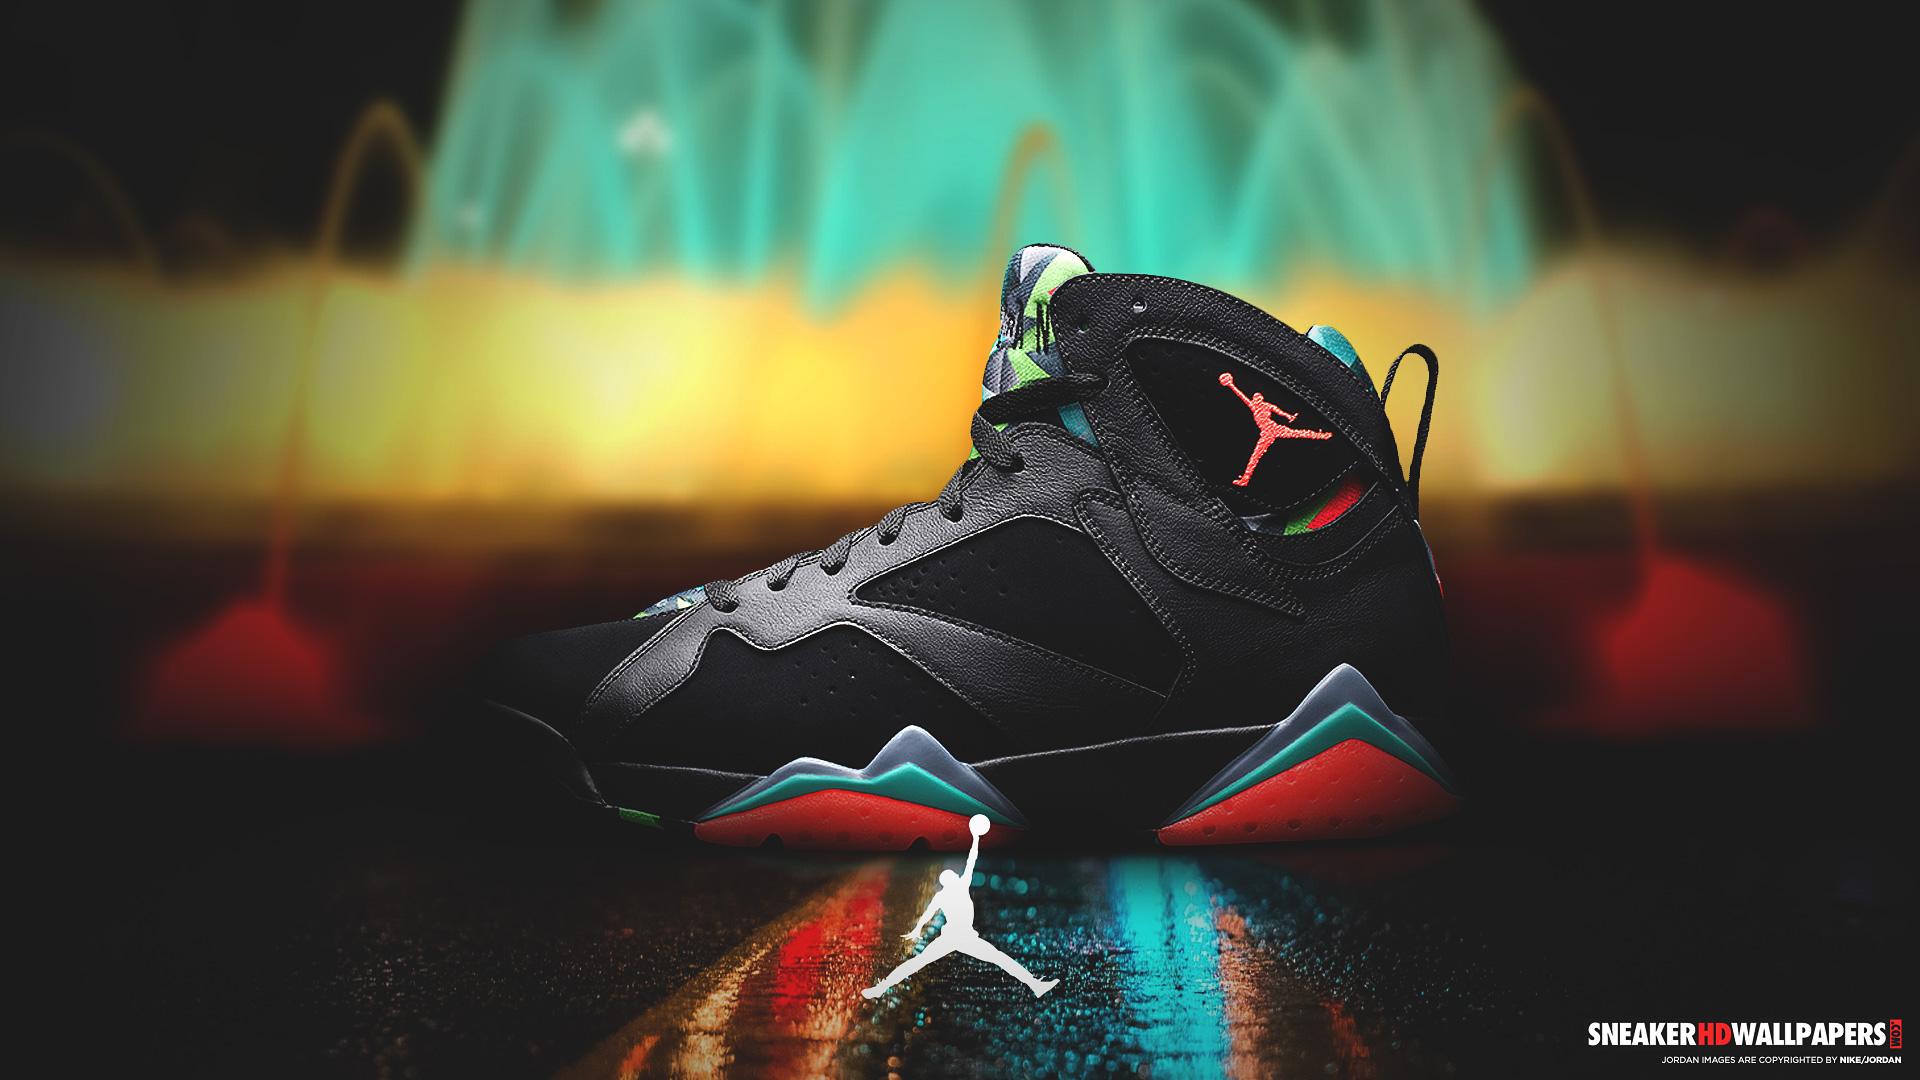 Jordan Logo 3d Wallpaper Sneakerhdwallpapers Com Your Favorite Sneakers In Hd And